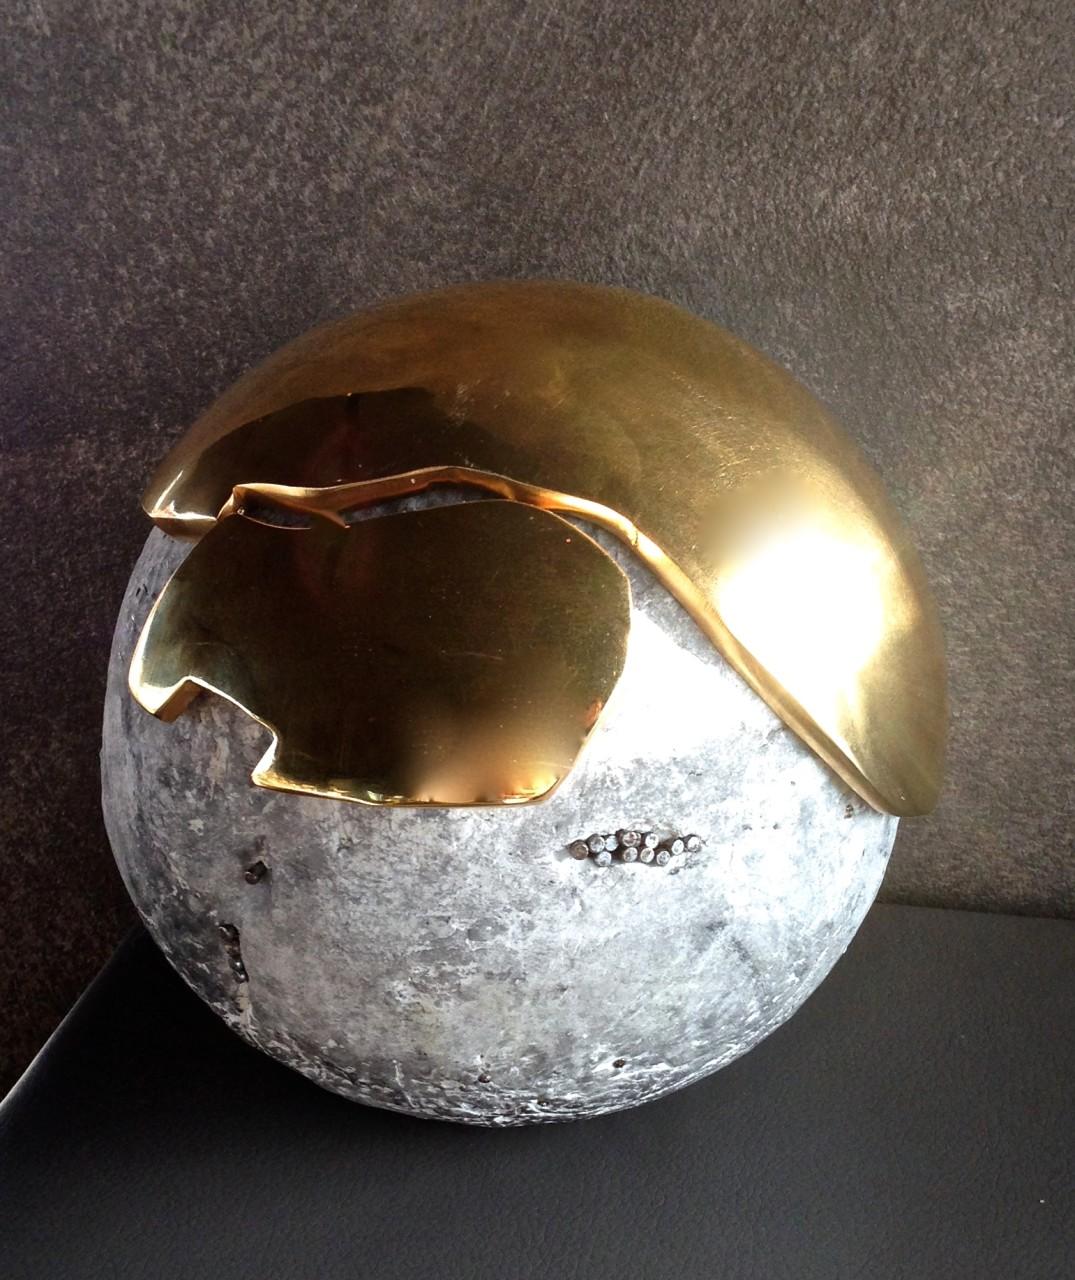 Fusione acciaio placcato in oro 24k e cemento fotocatalitico,diametro 15 cm.